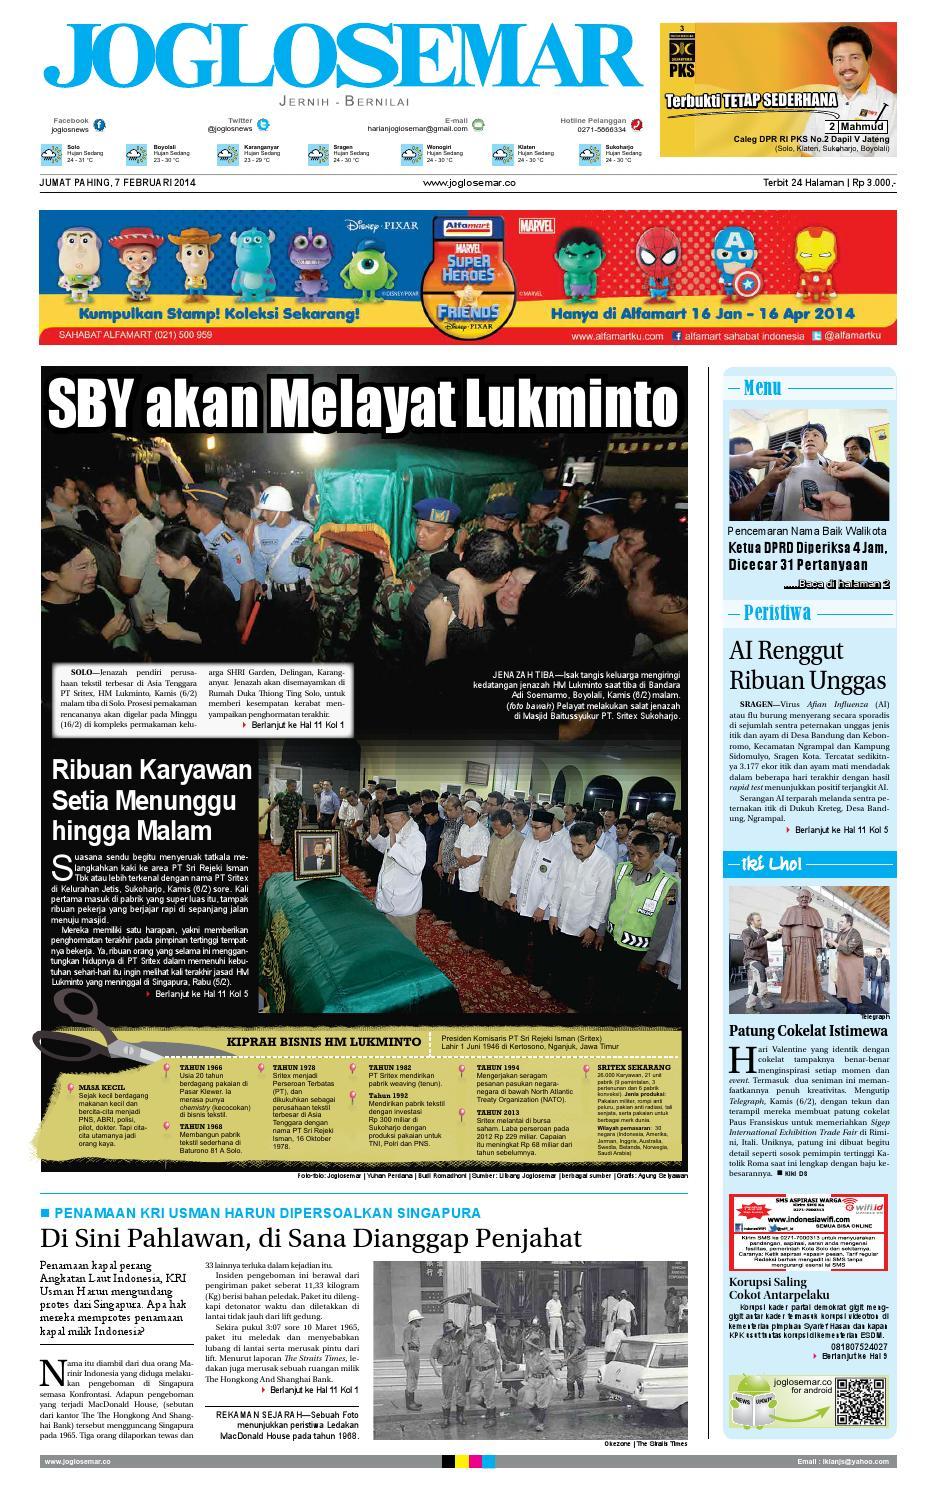 peristiwa betting beras basah singapore